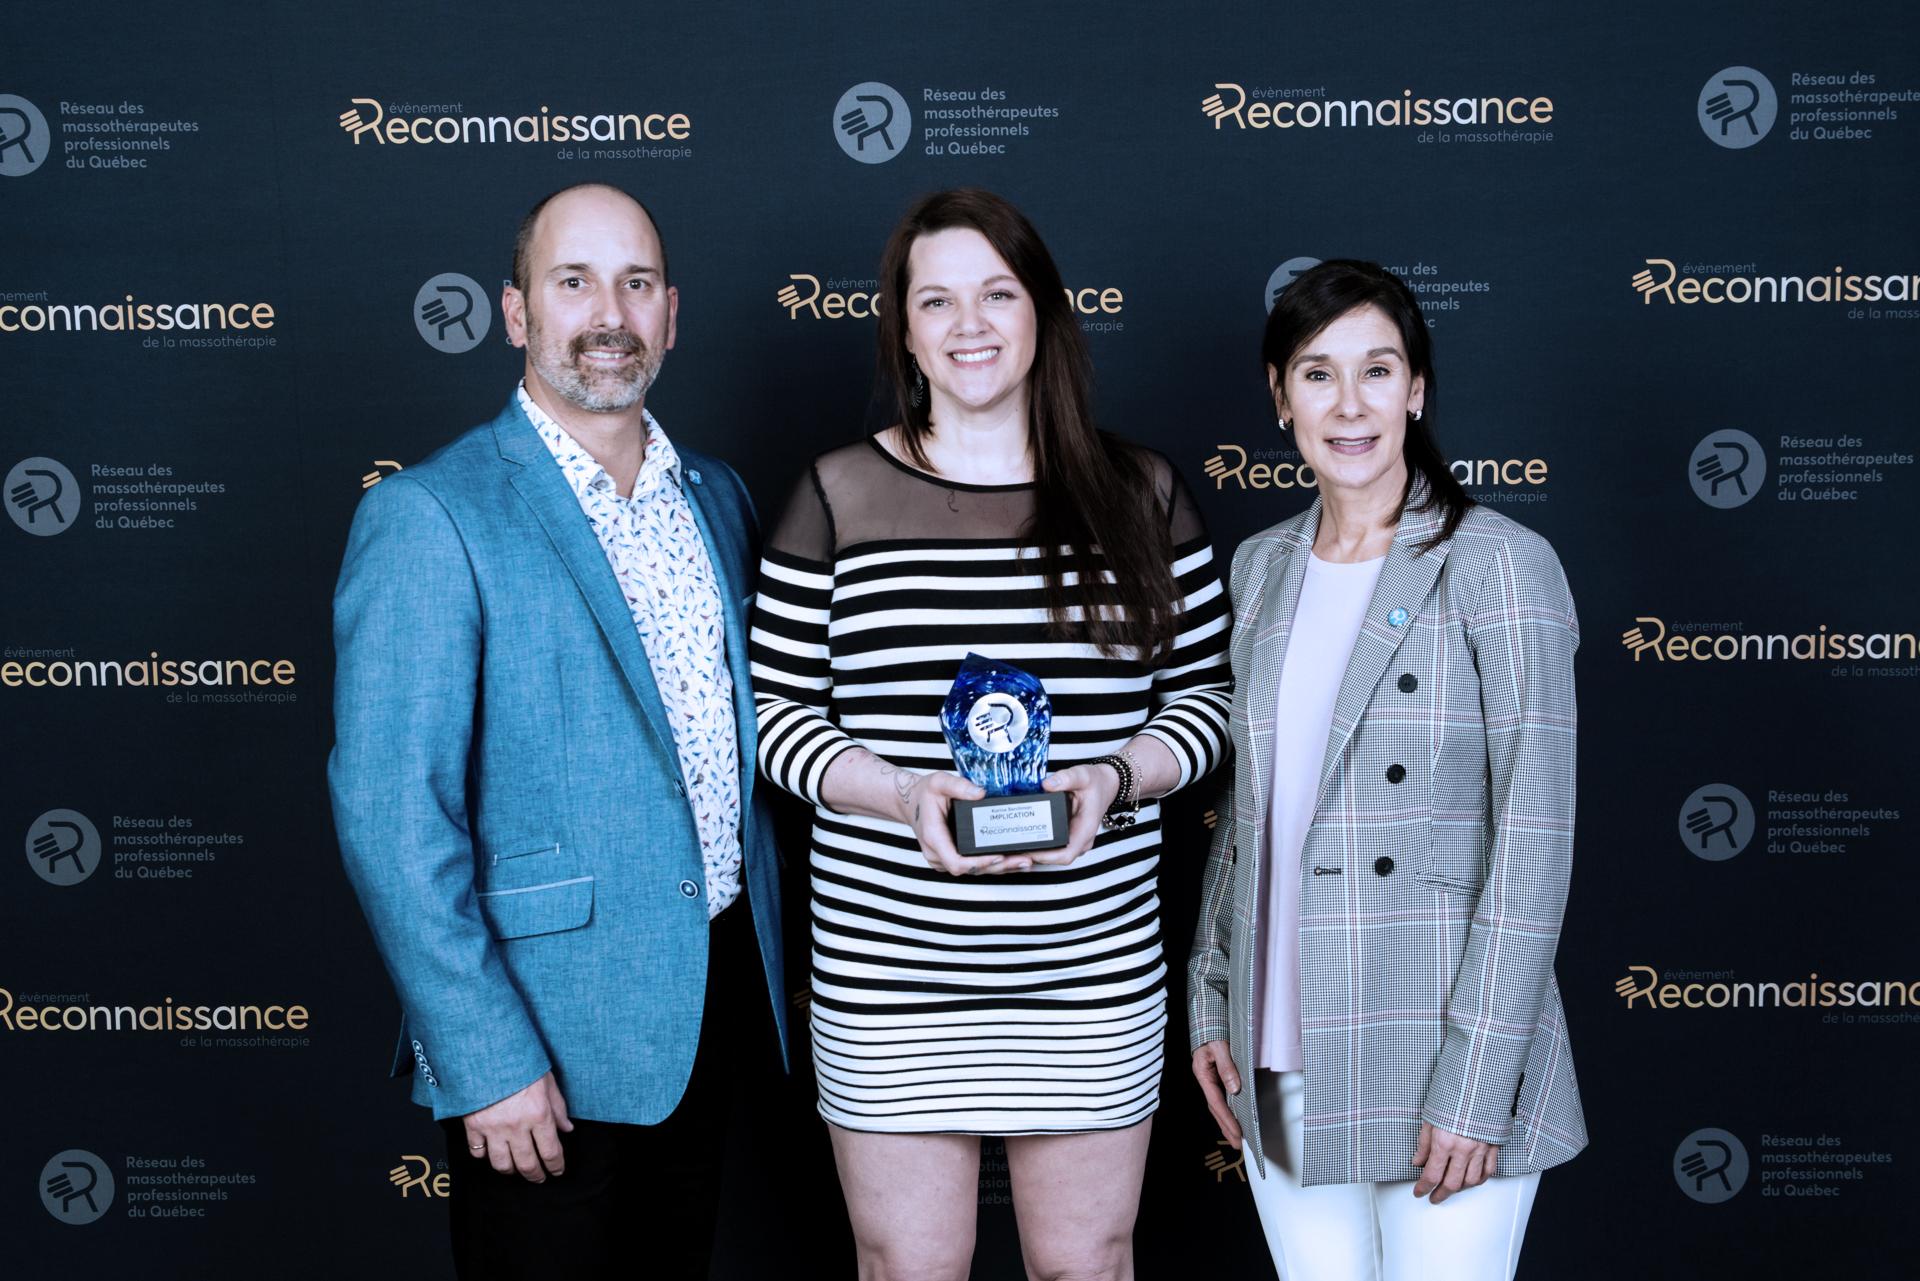 Karine Berchman Évènement reconnaissance de la massothérapie 2019